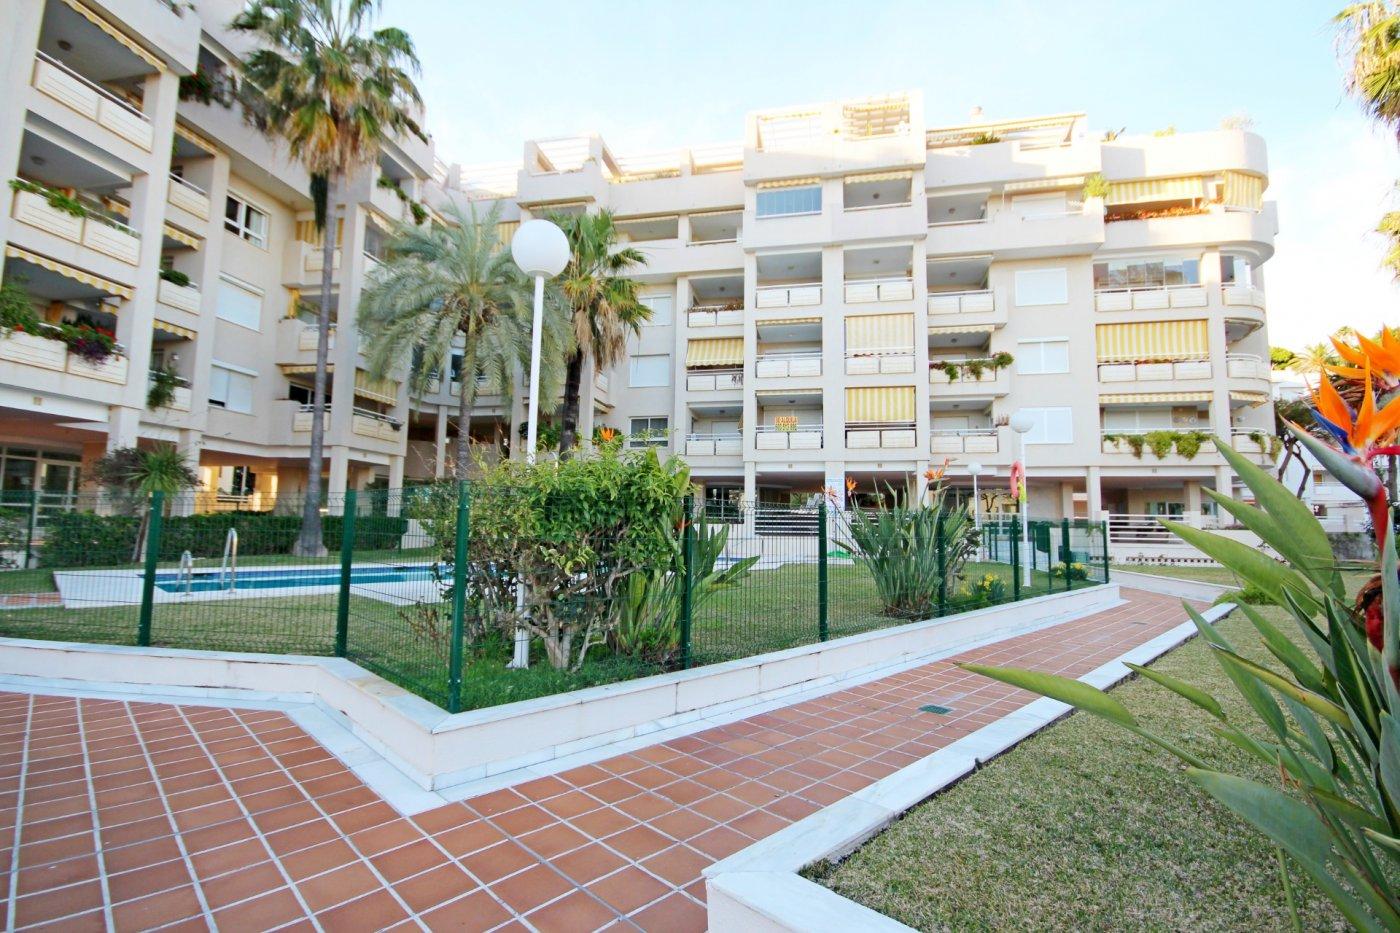 Apartamento en segunda línea de playa - imagenInmueble0